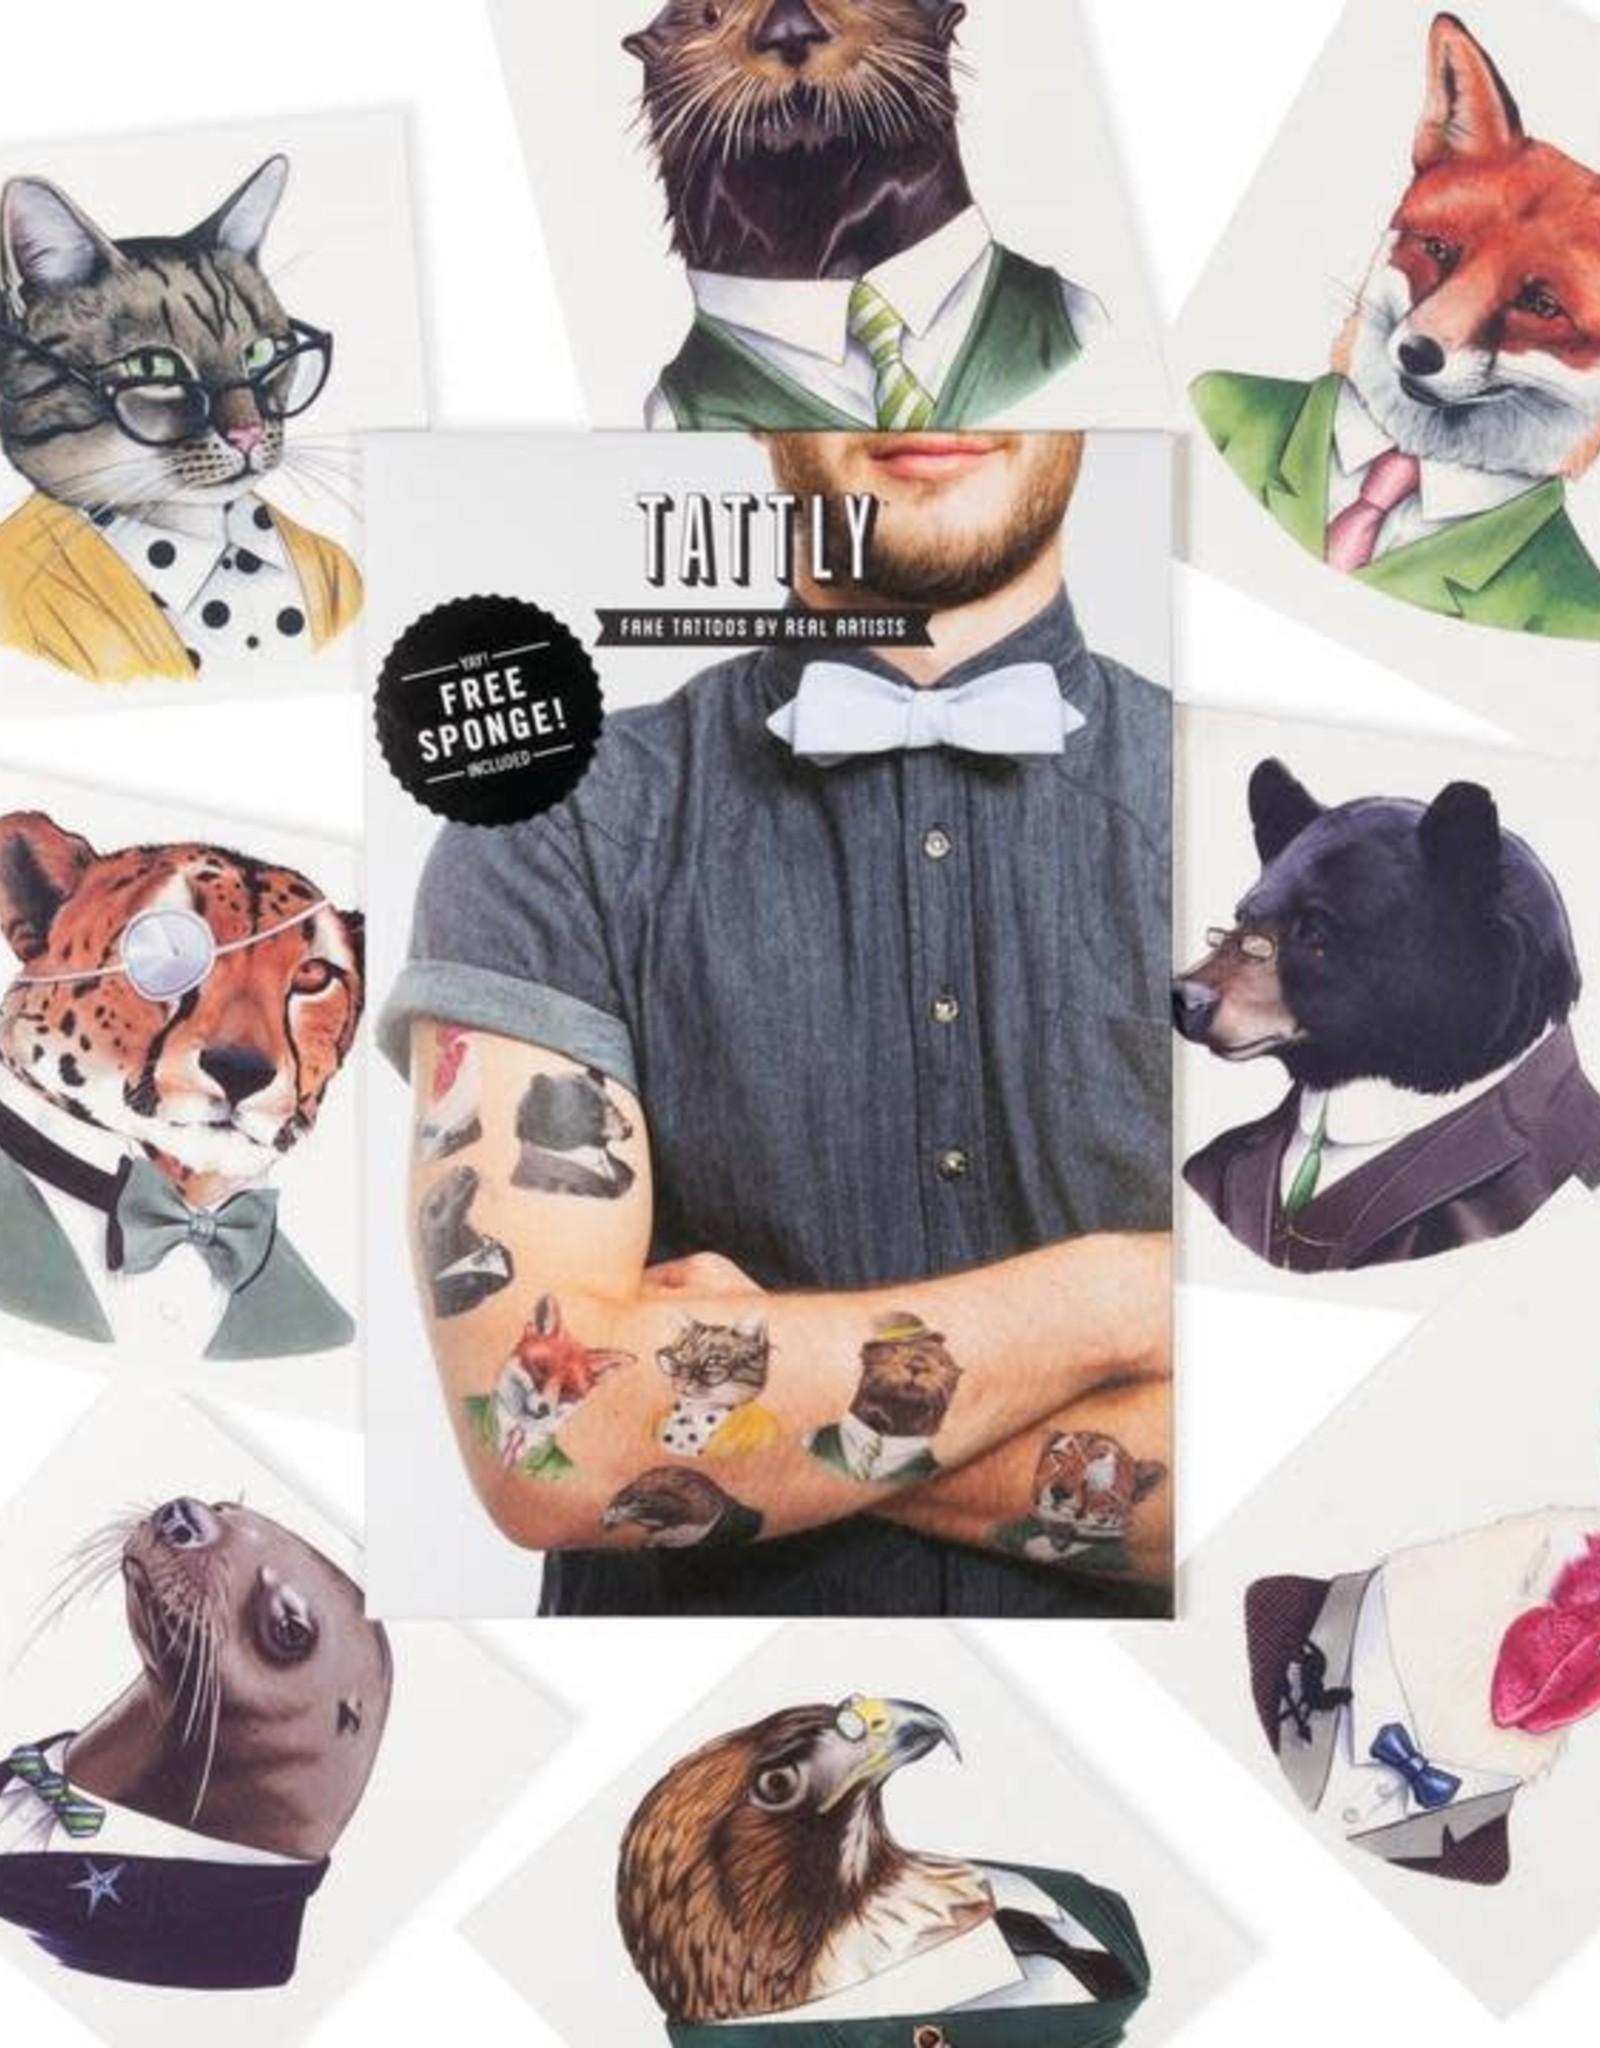 Tattly Animal Society by Berkley Illustration - Tattly Temporary Tattoo Pack